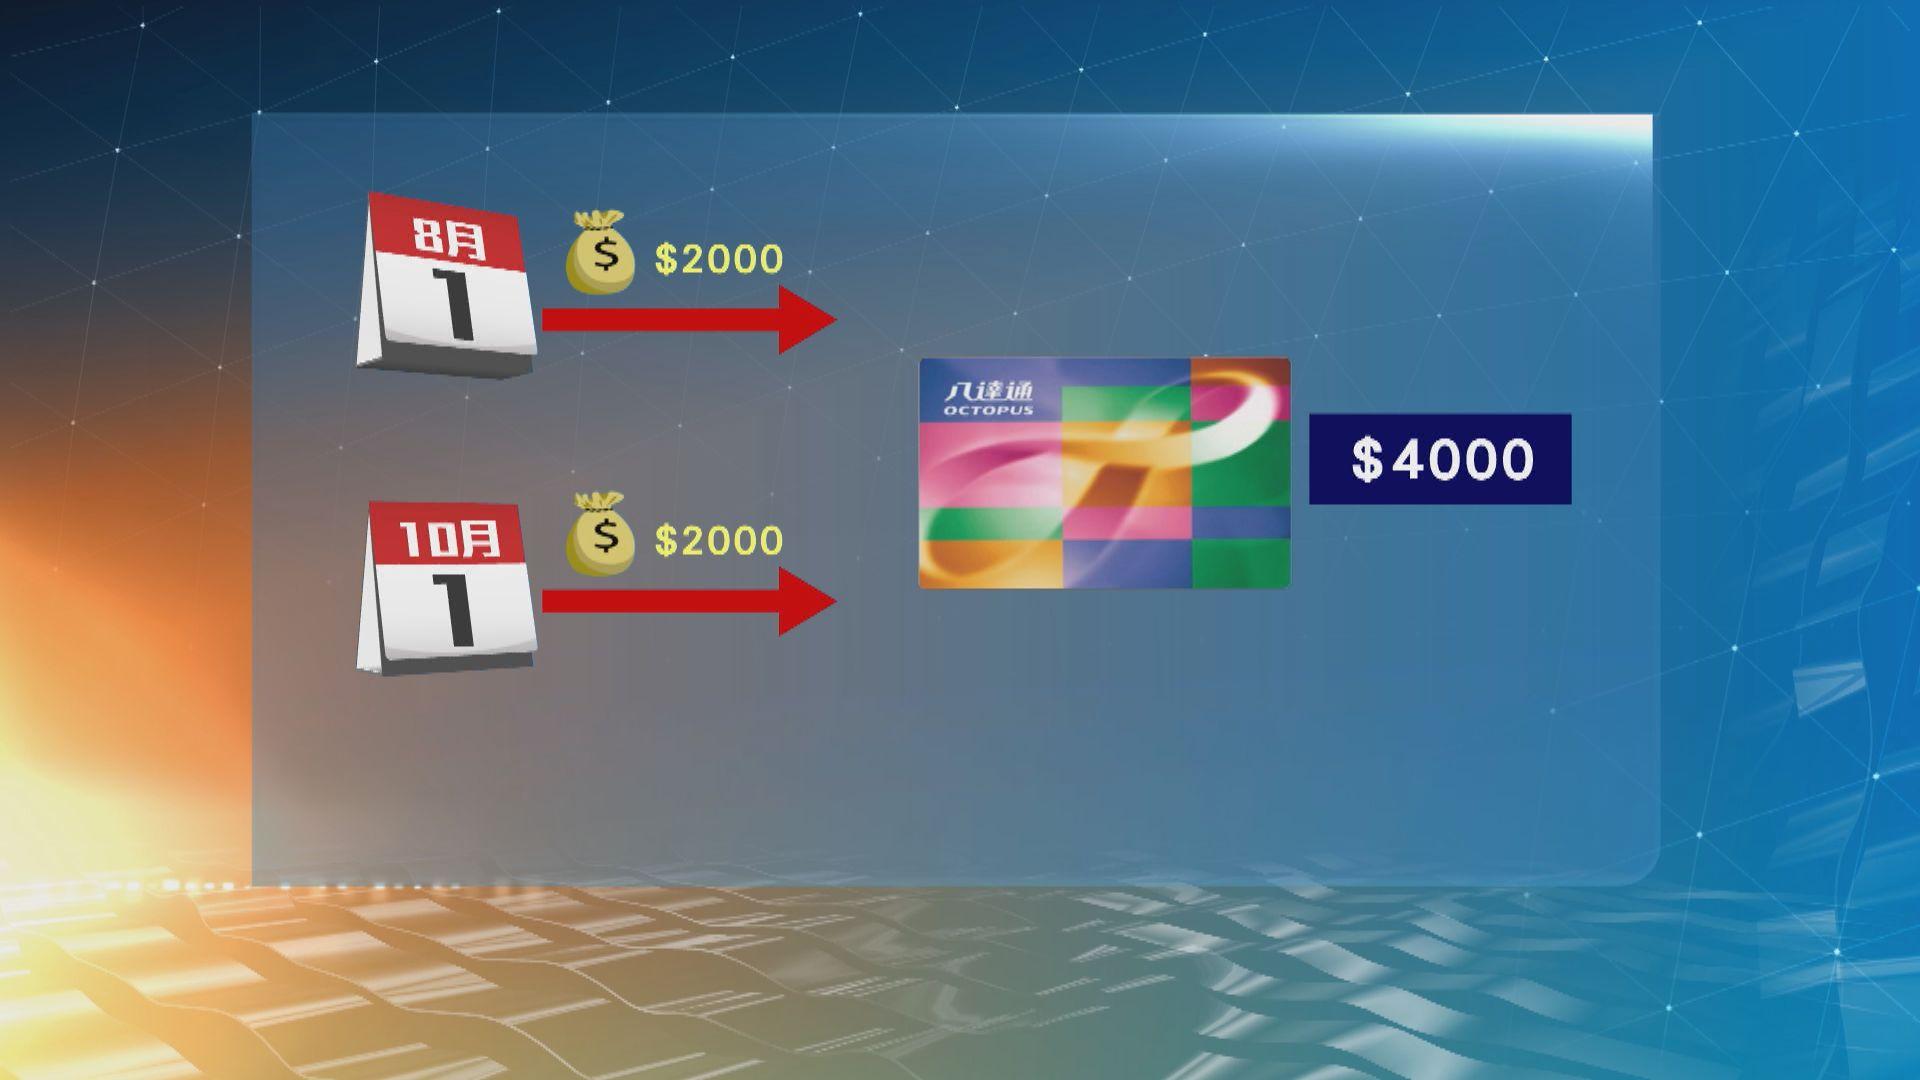 若選用八達通,最快在8月及10月初分別收到兩張2000元消費券